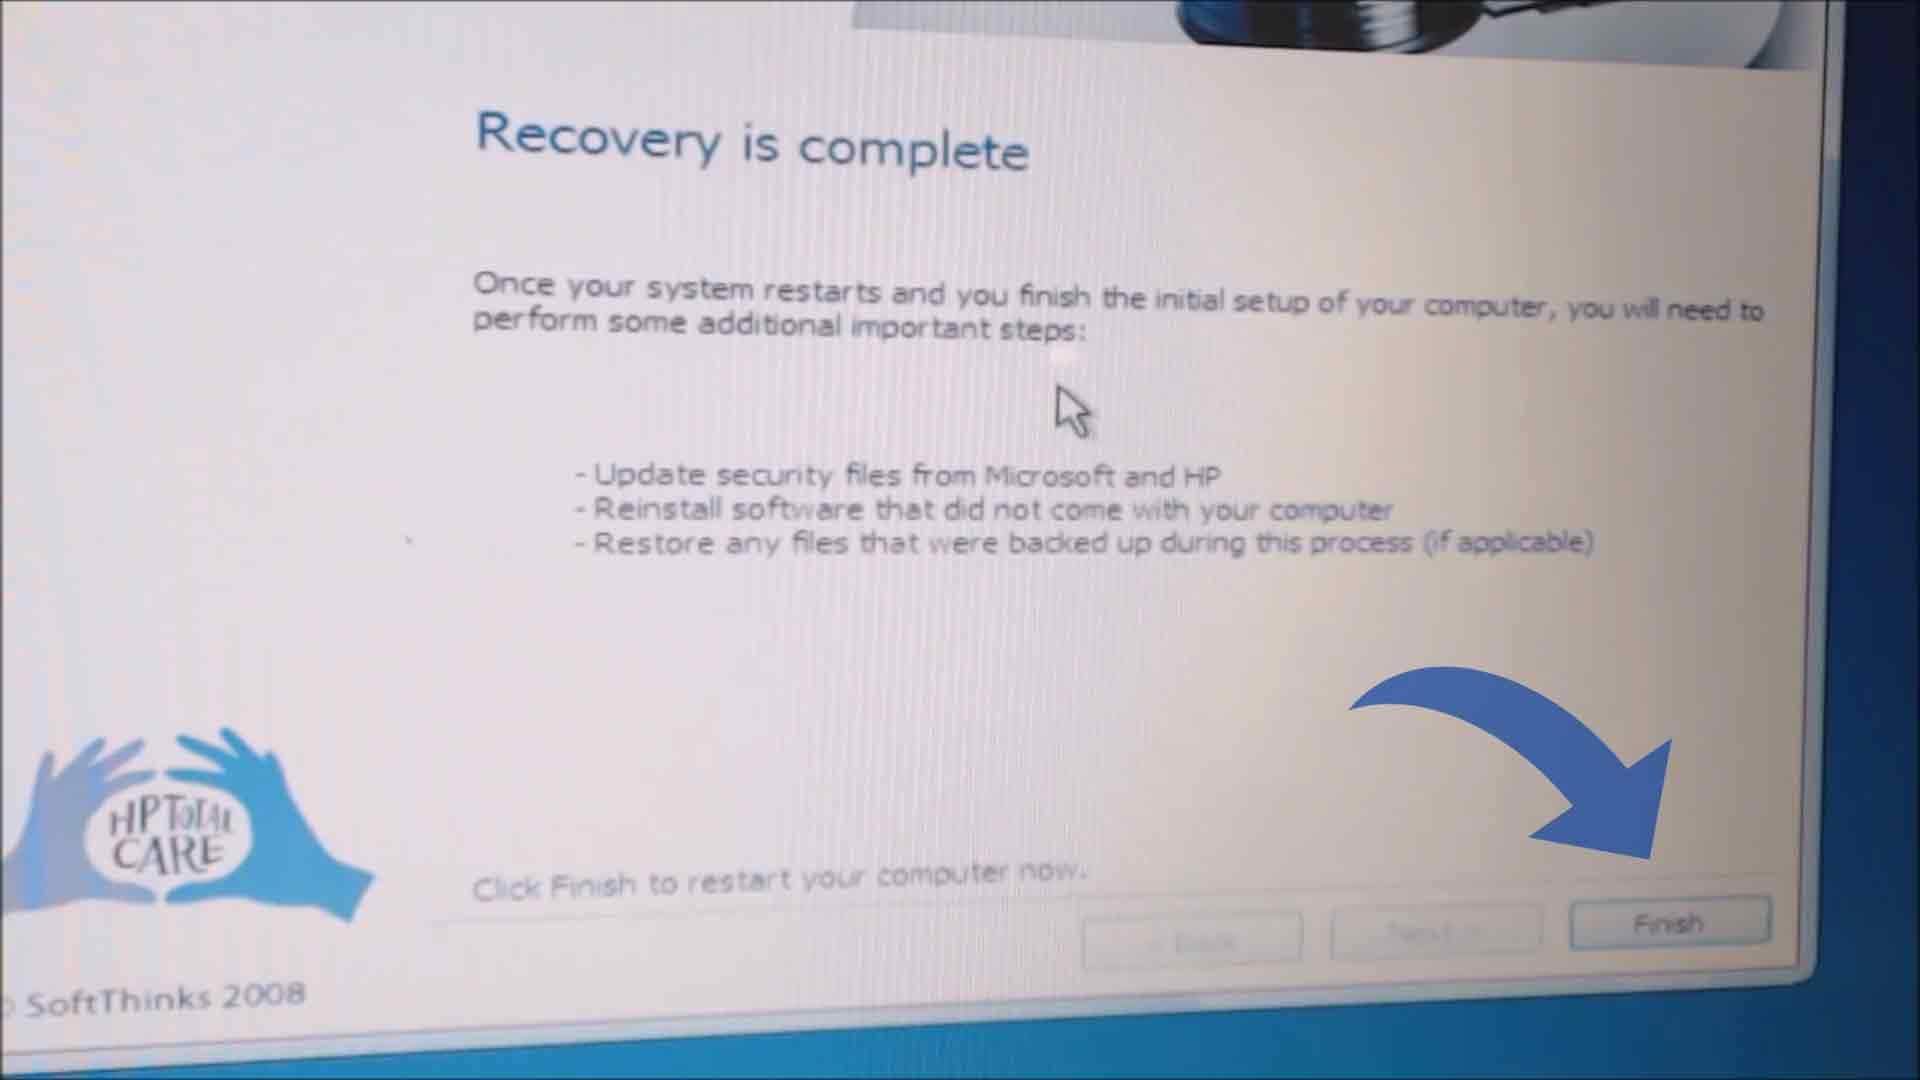 إنهاء استعادة النظام ويندوز 7